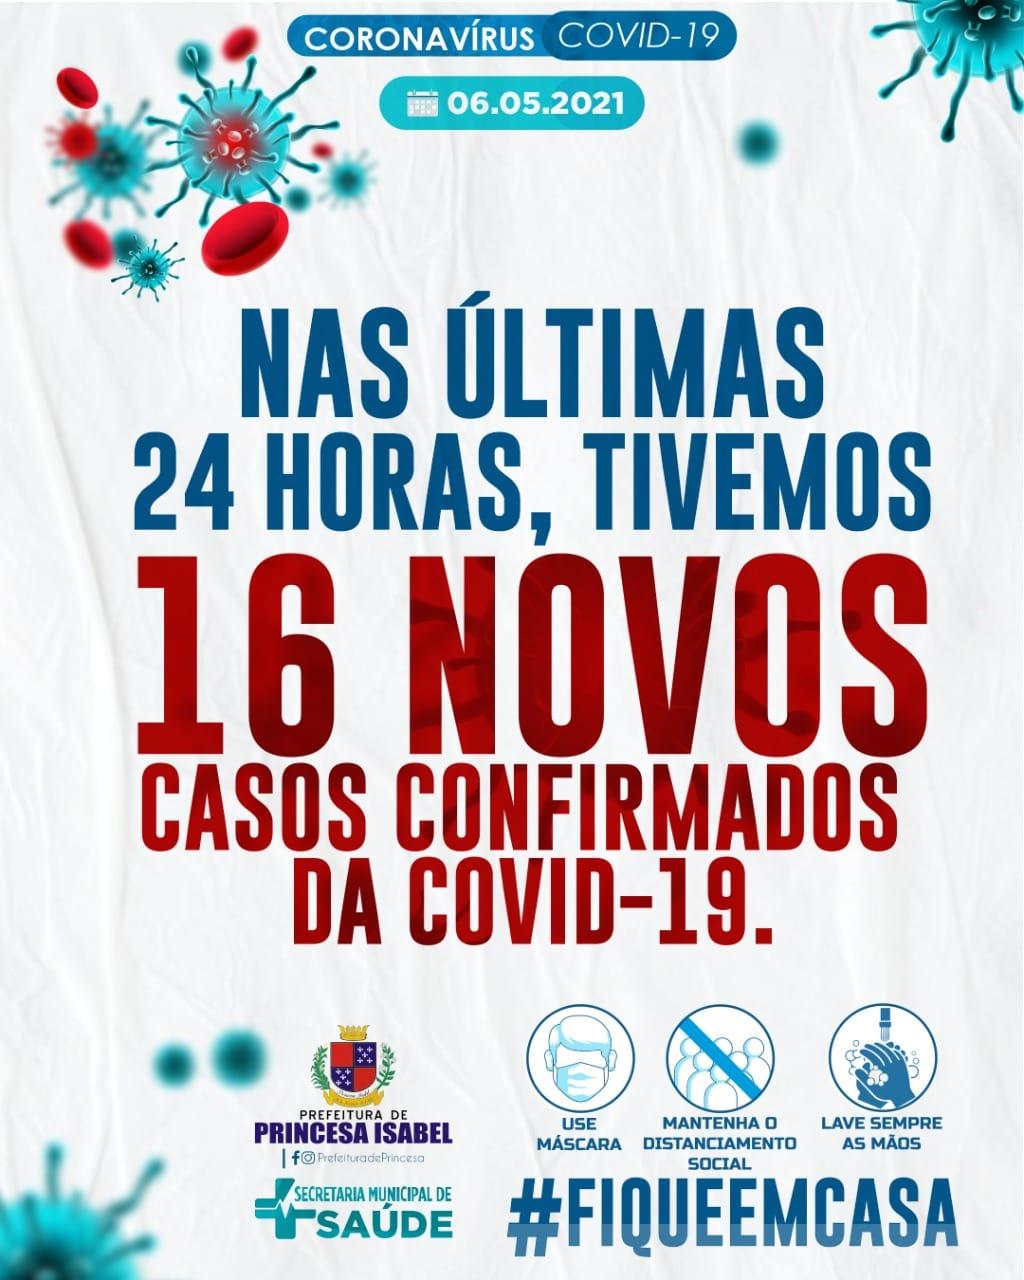 NAS ÚLTIMAS 24 HORAS, TIVEMOS 16 NOVOS CASOS CONFIRMADOS DA COVID-19